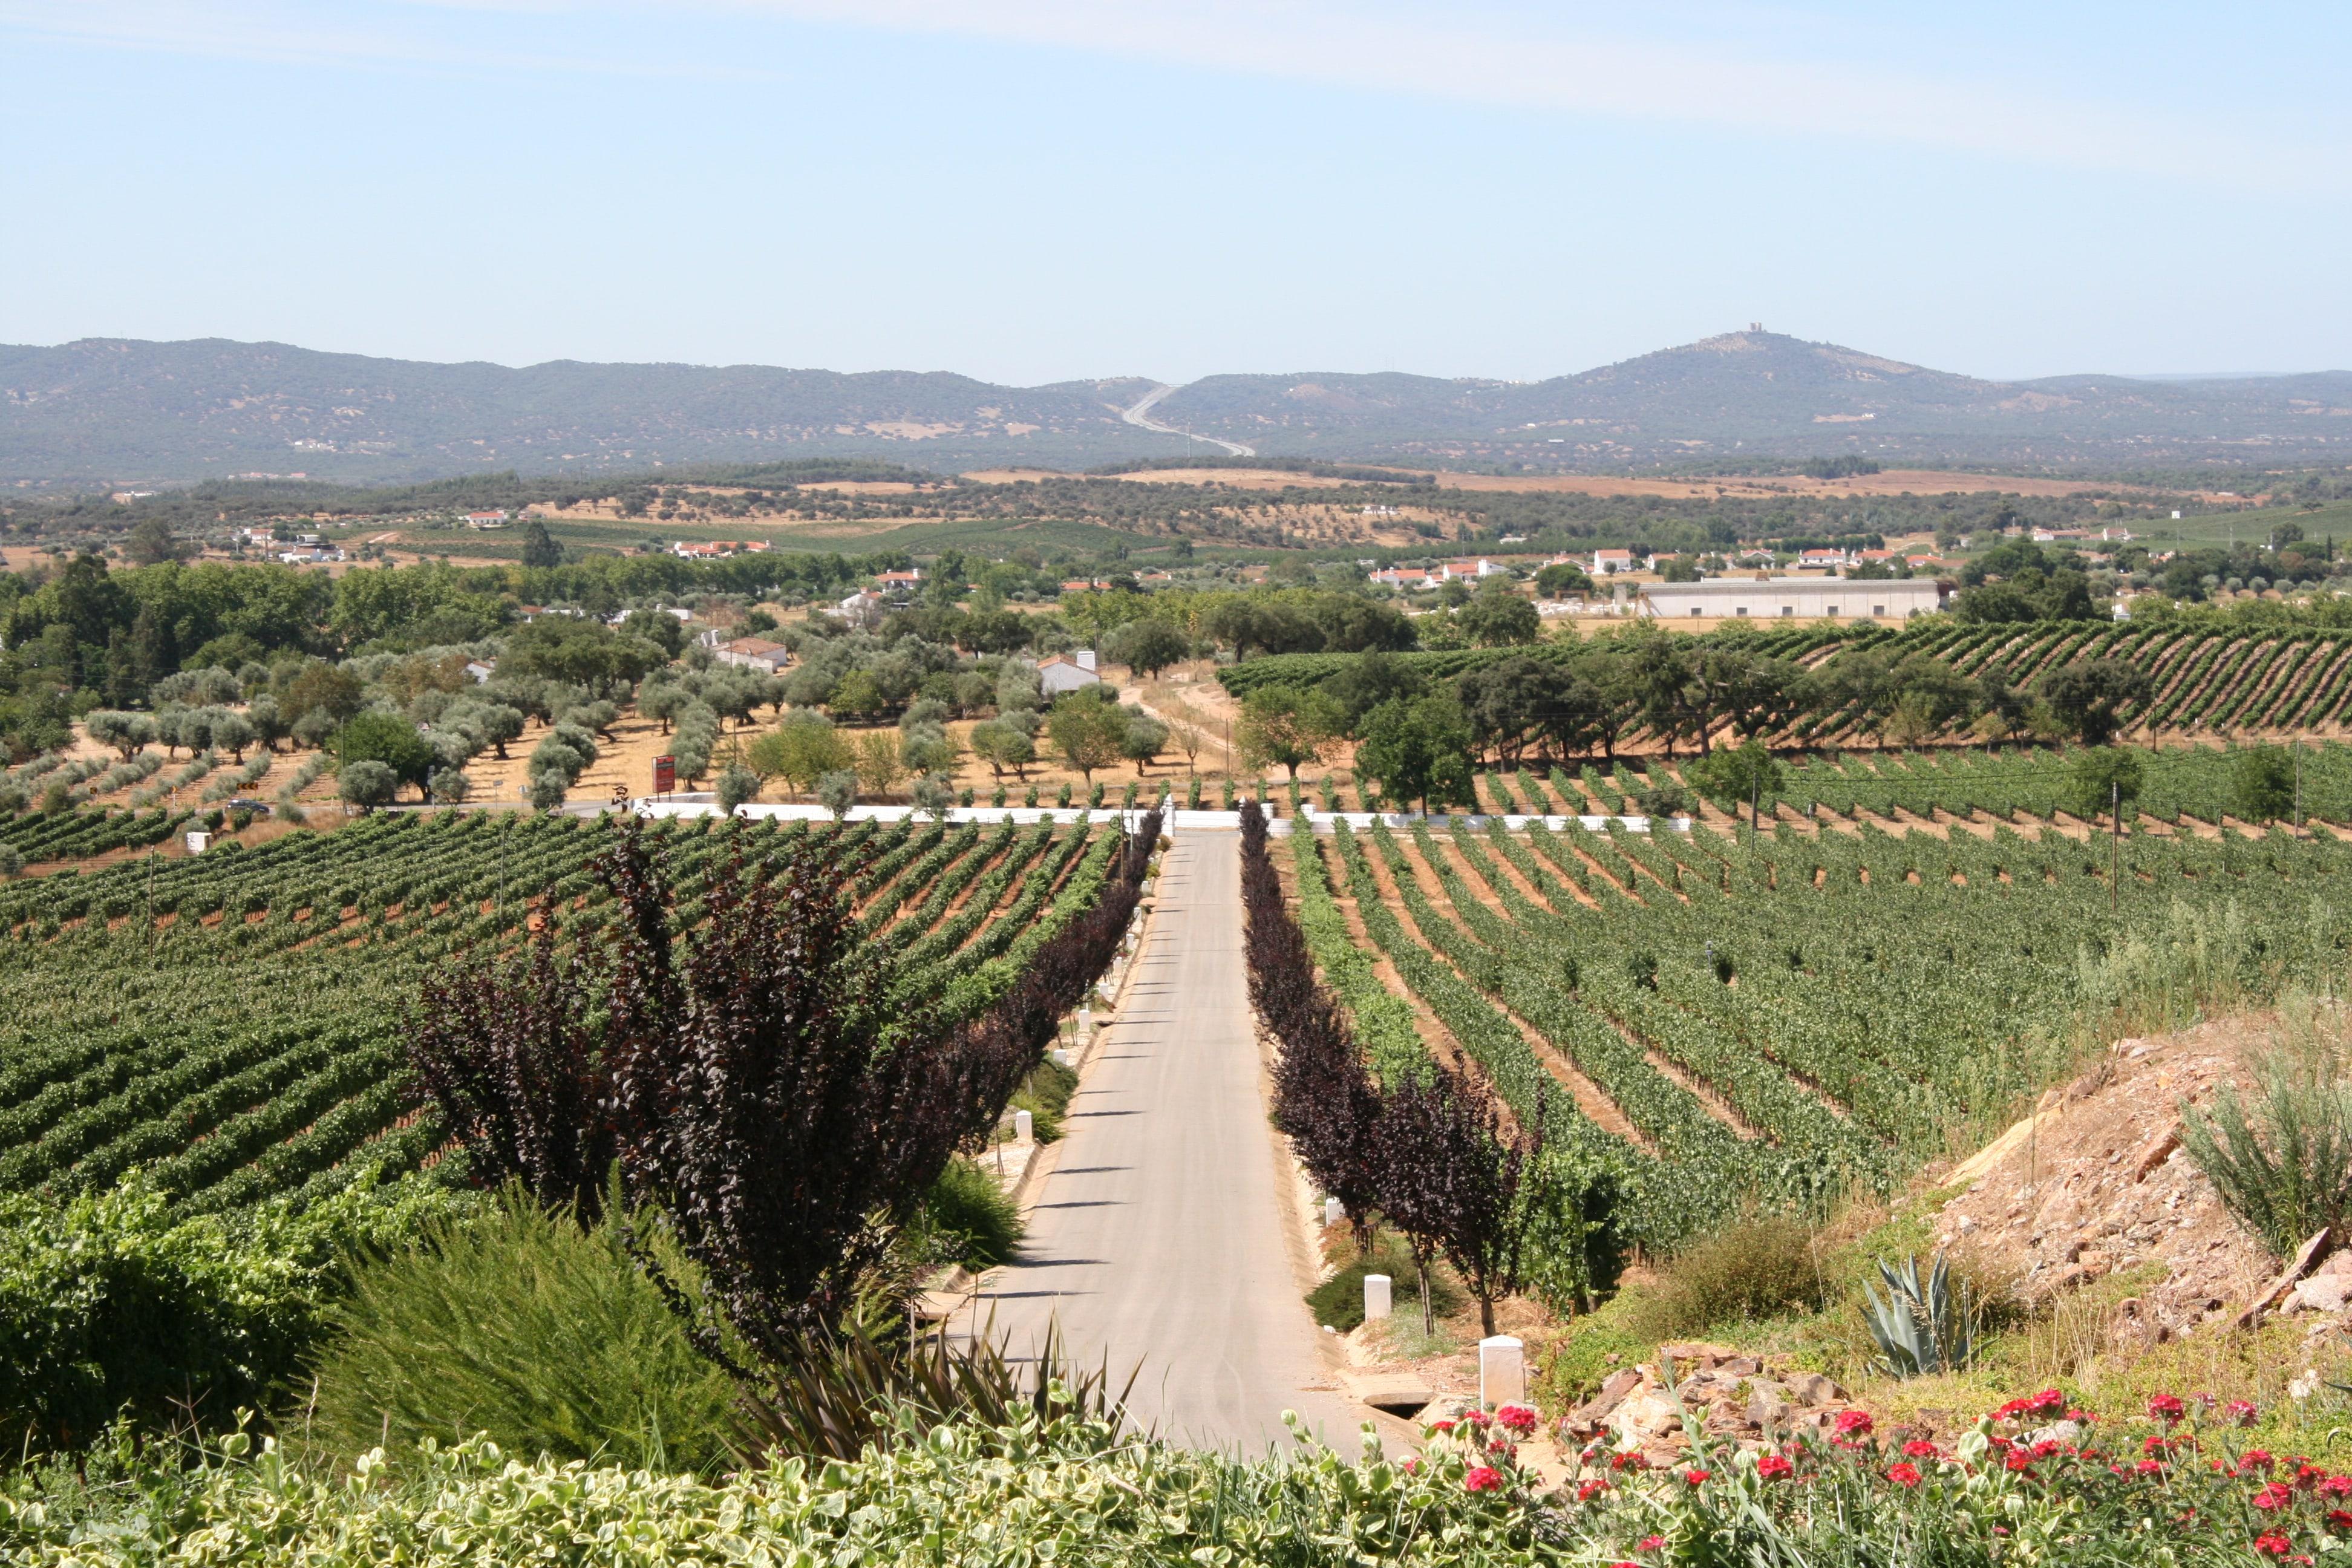 Encostas de Estremoz - Visita & Prova 4 Vinhos